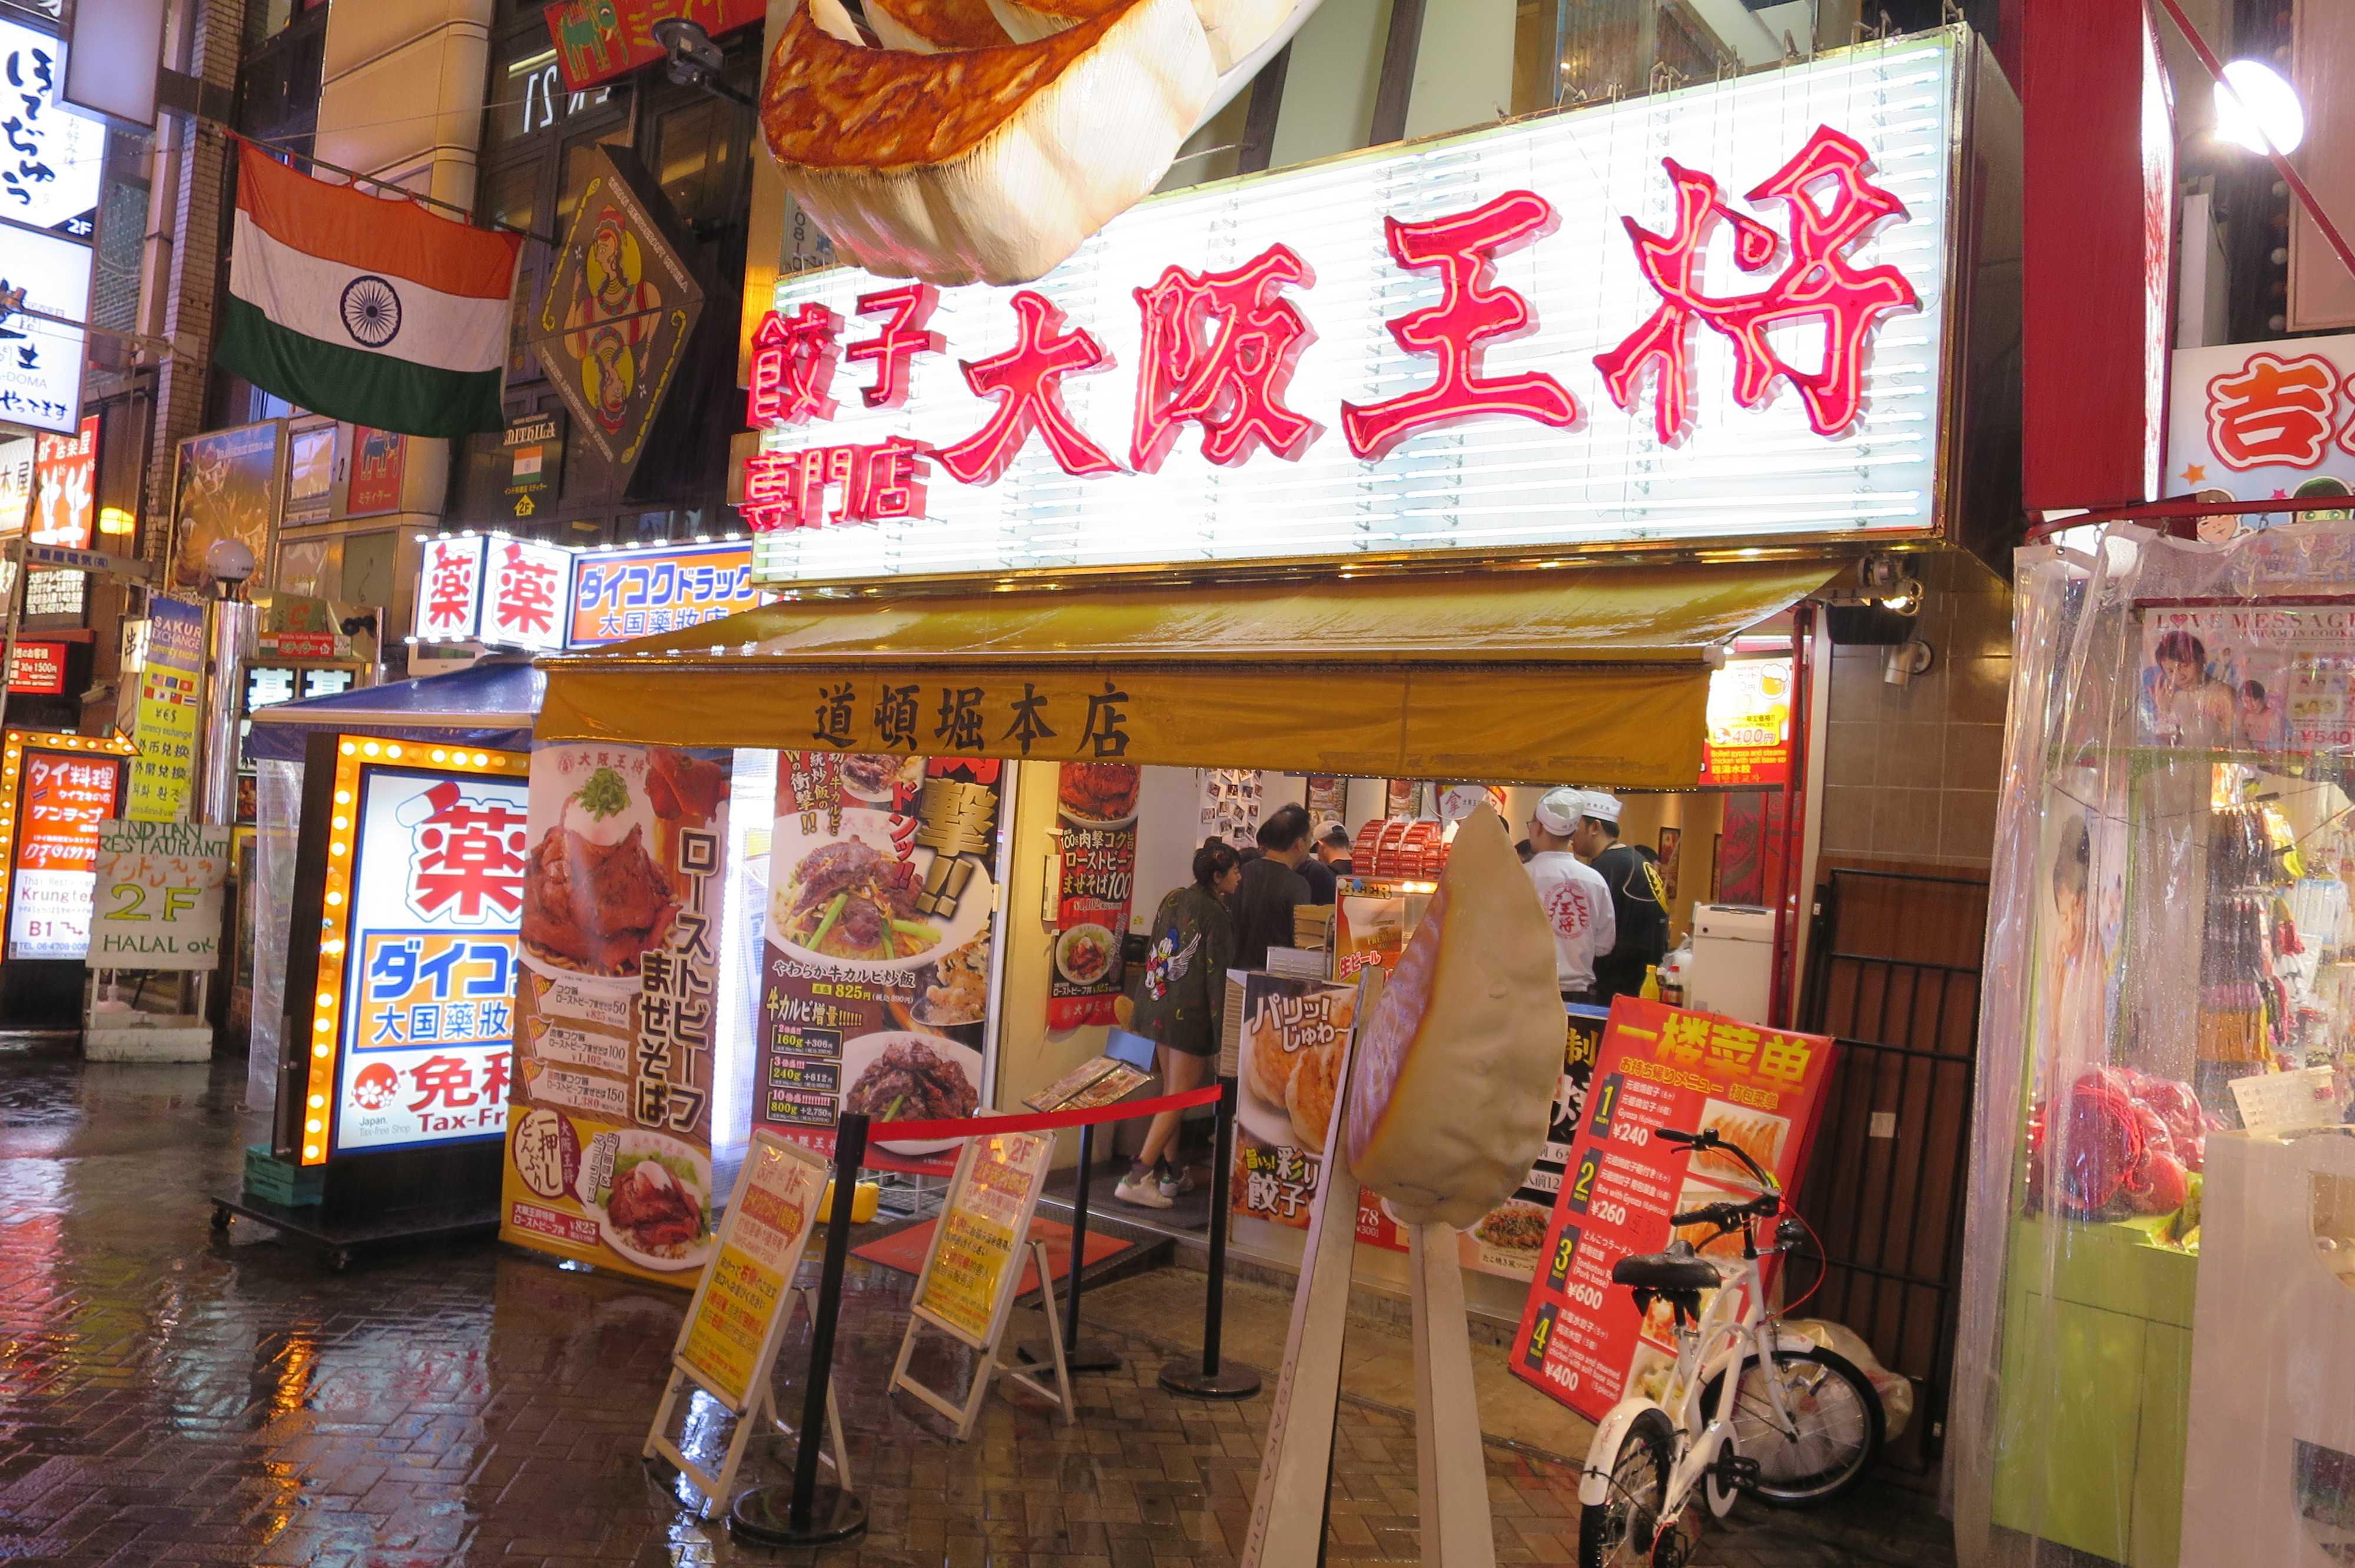 「大阪王将」のネオンサインと餃子オブジェ